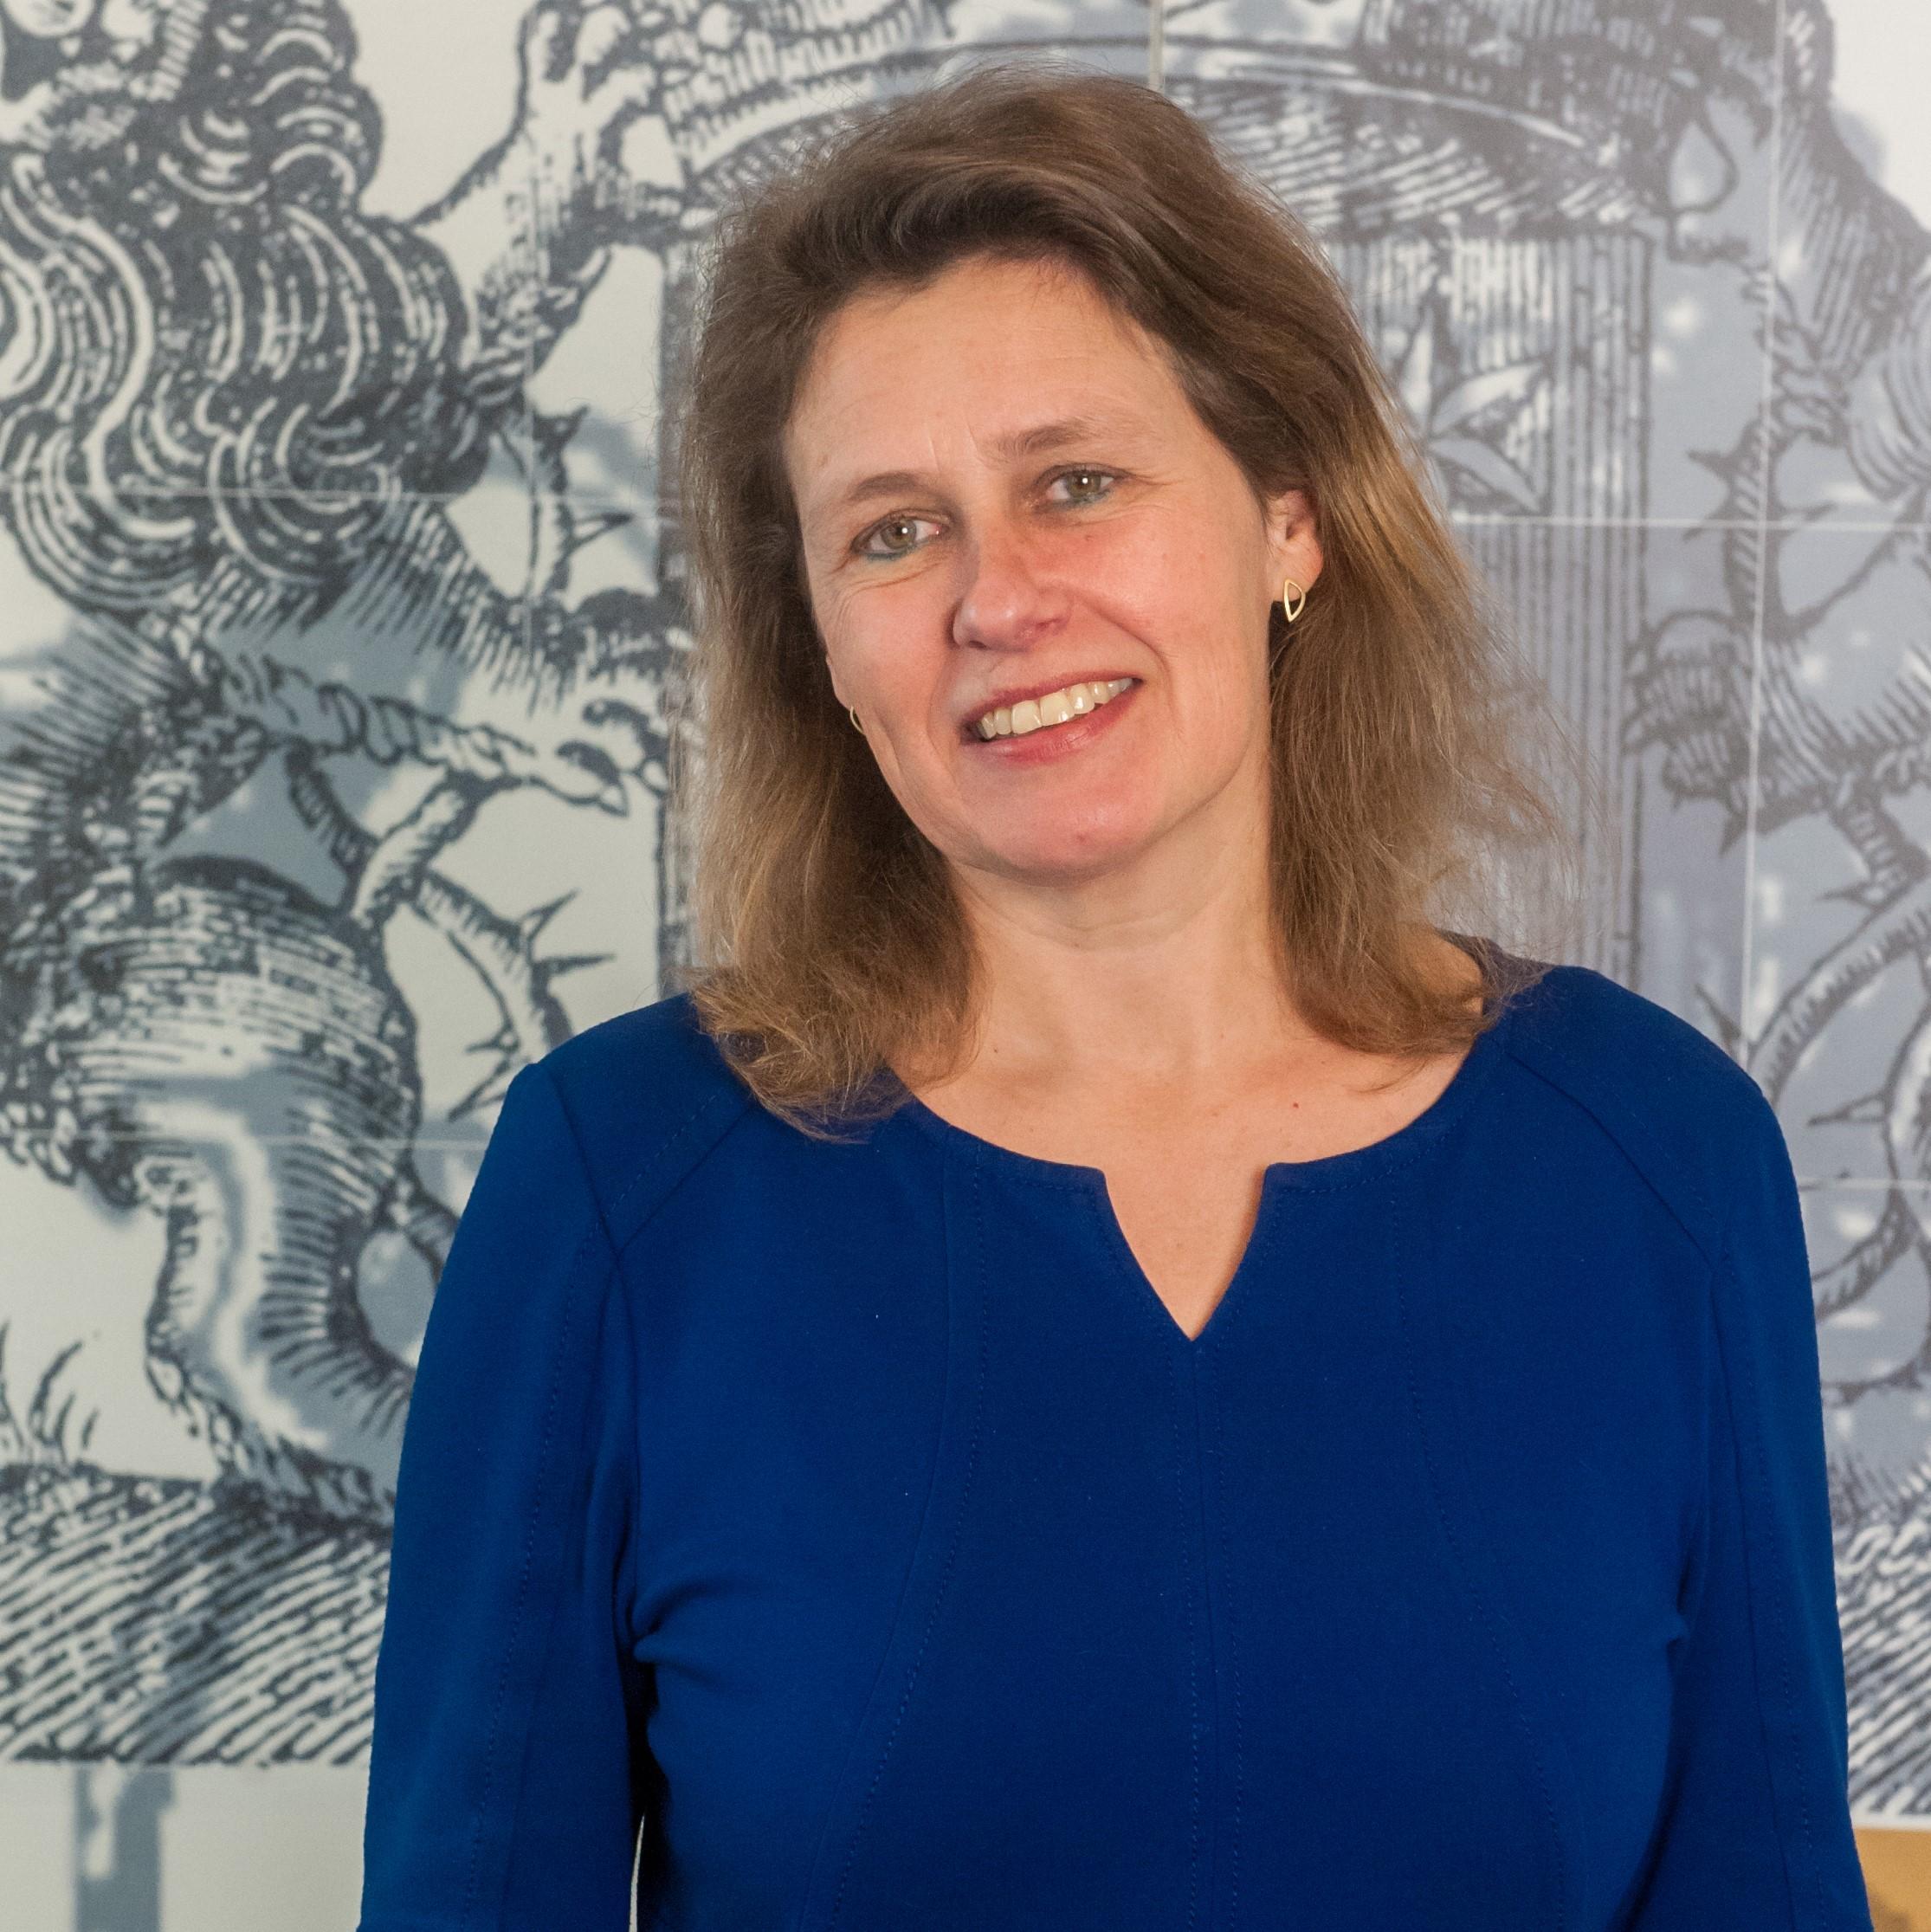 Corine Dijkstra